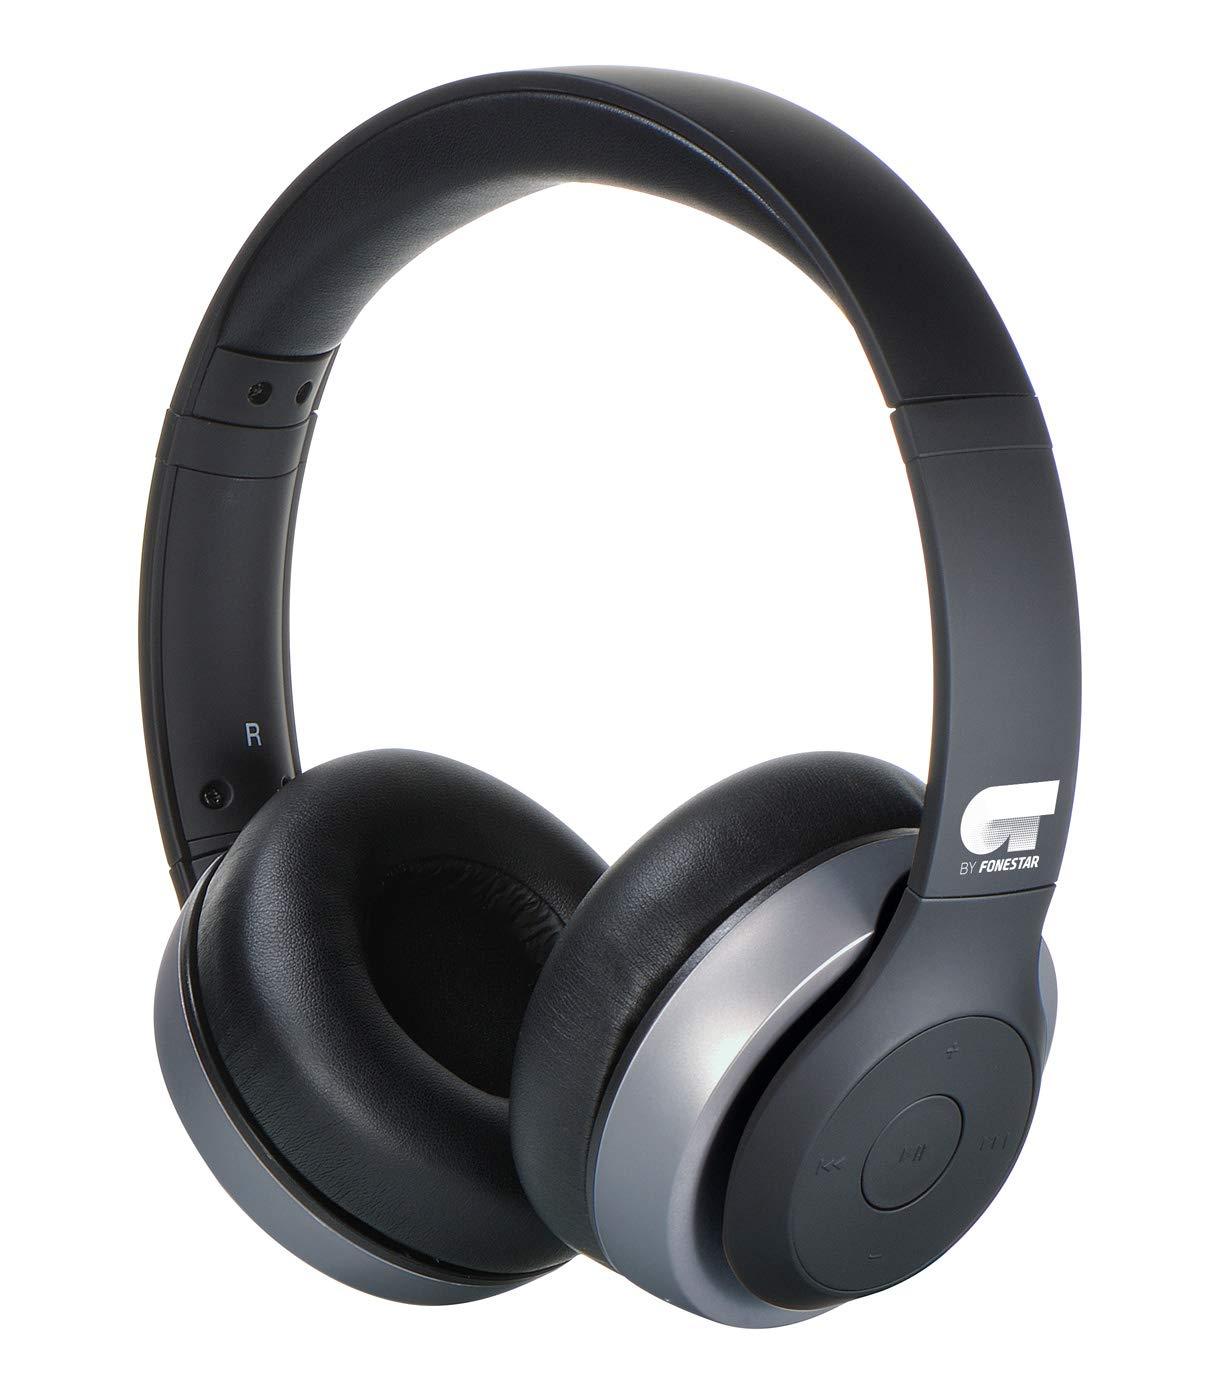 OT by FONESTAR Harmony Morado Auriculares INALÁMBRICOS Bluetooth con MICRÓFONO Integrado Y CONEXIÓN AUX: Amazon.es: Electrónica